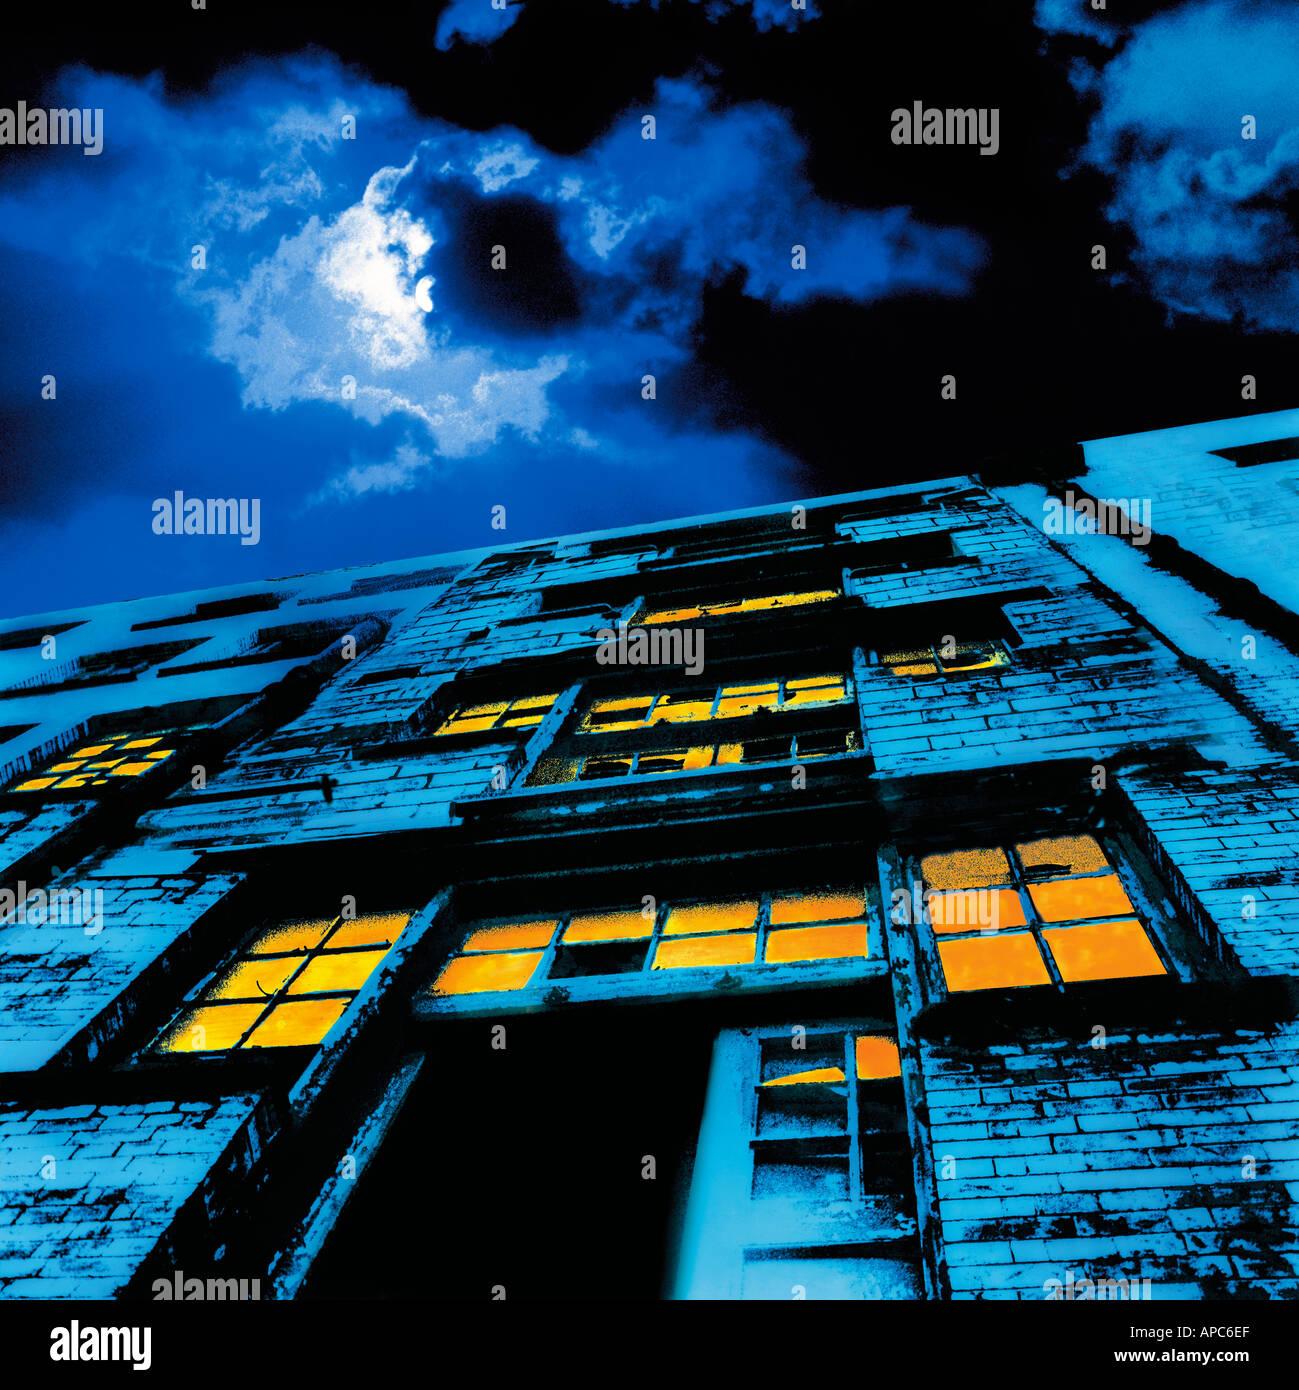 old warehouse building isle of dogs night blue full moon stylised london england uk - Stock Image